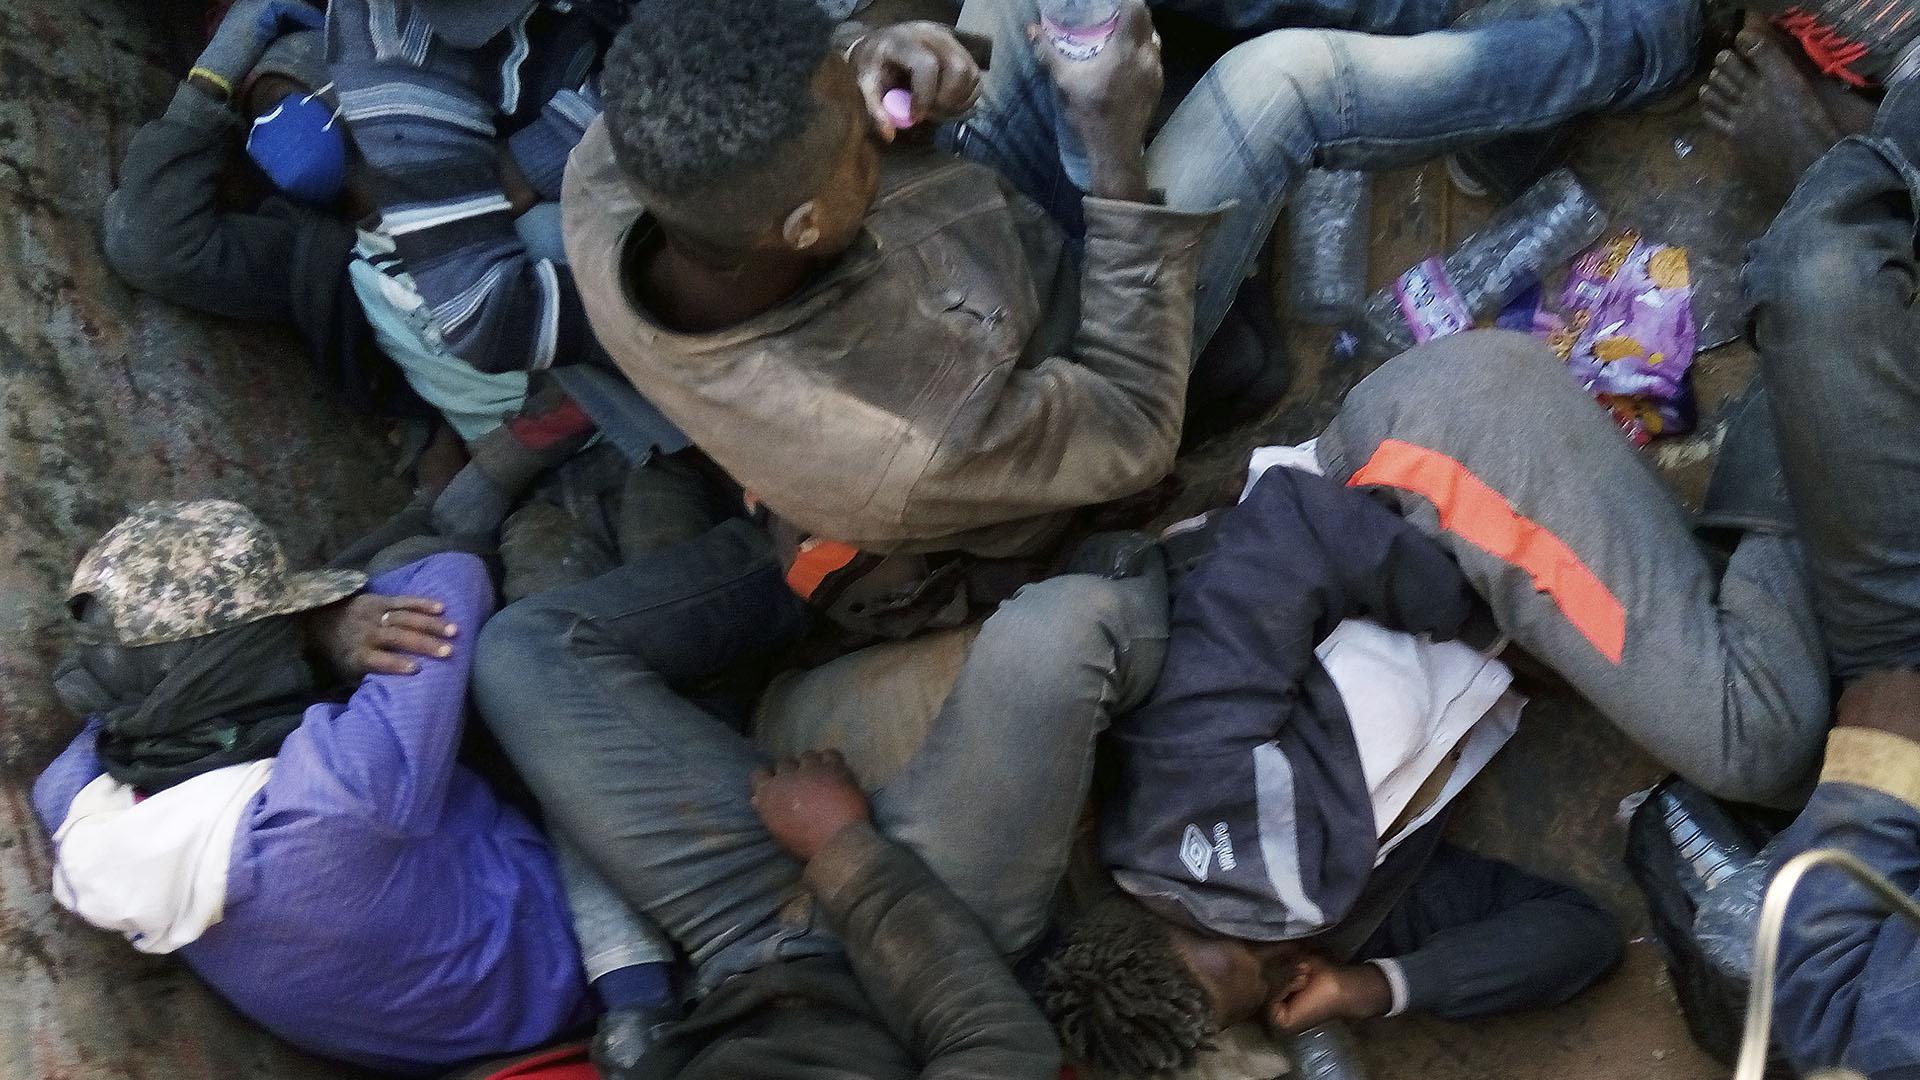 Migrantes descansan en un camión en el que militares argelinos los trasladan para abandonarlo en el desierto y obligarlos a caminar amenazados con rifles AK-47 (AP)